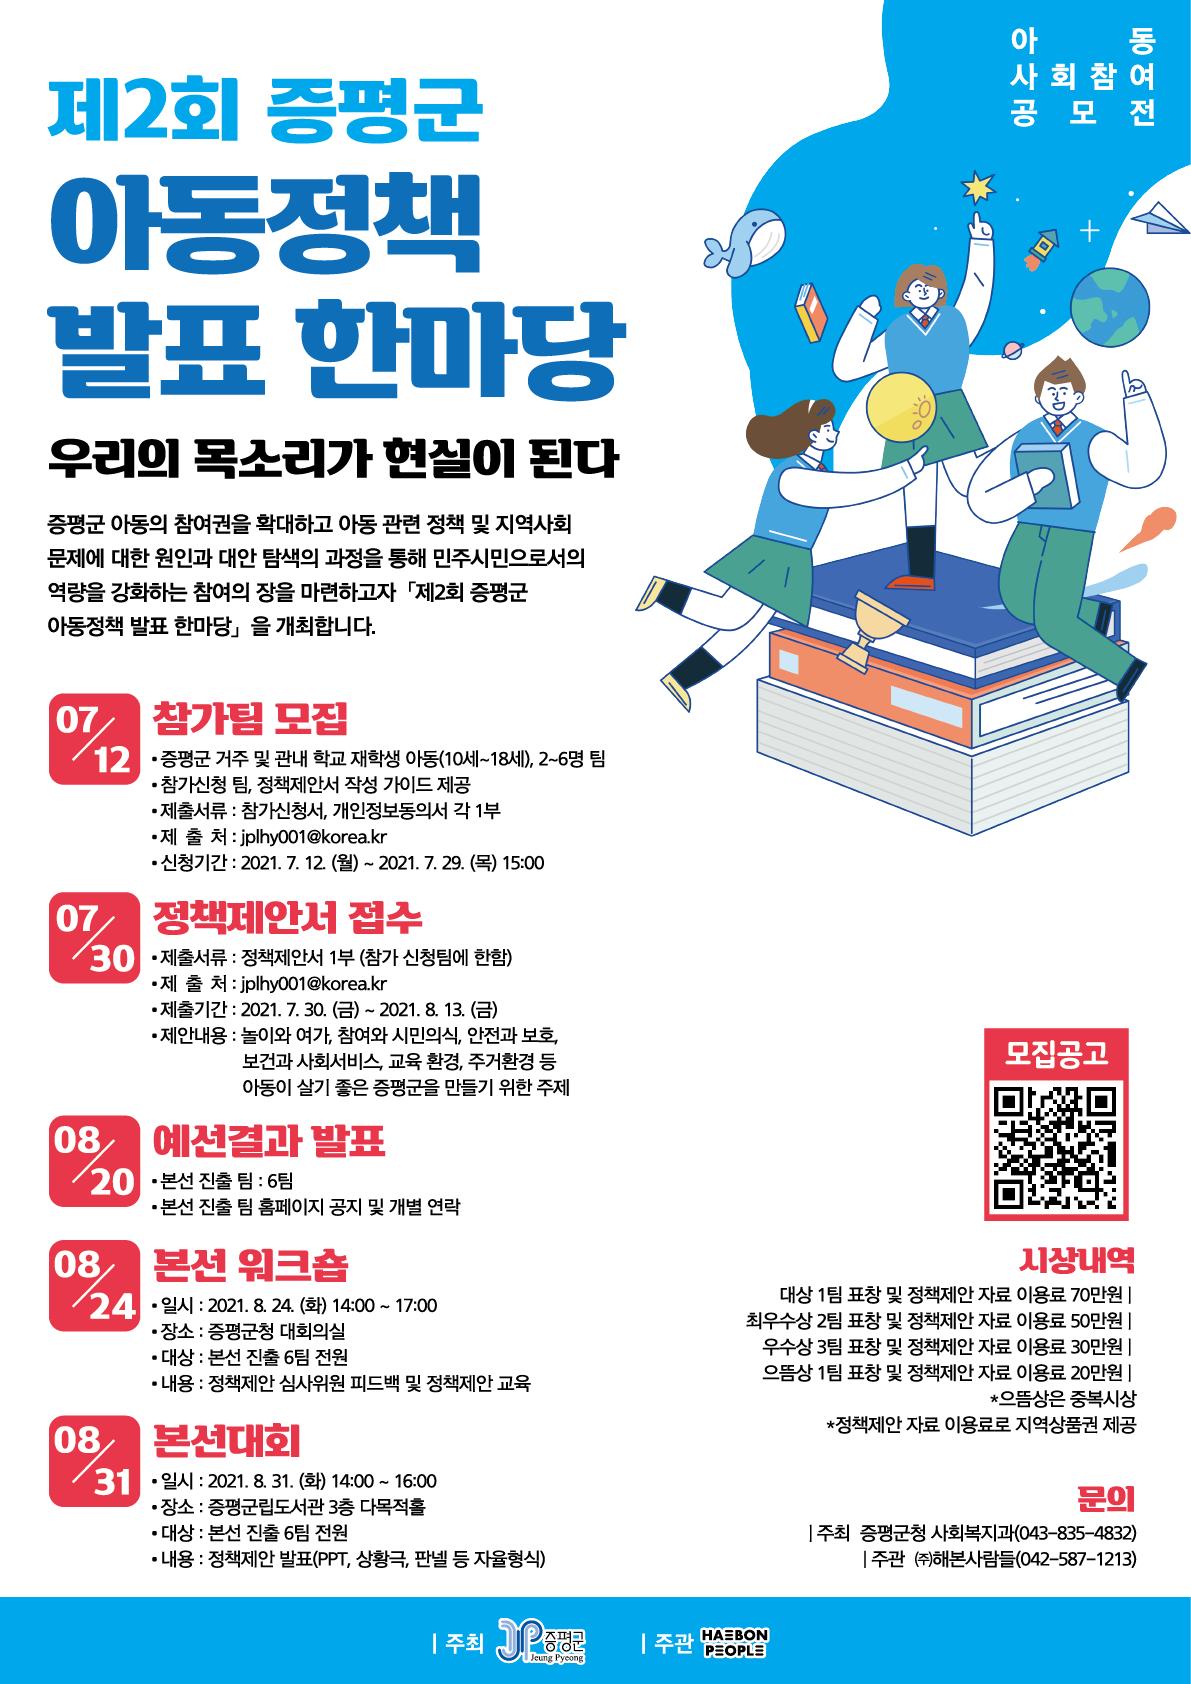 제2회 증평군 아동정책 발표 한마당 참가팀 모집 공고 [이미지]